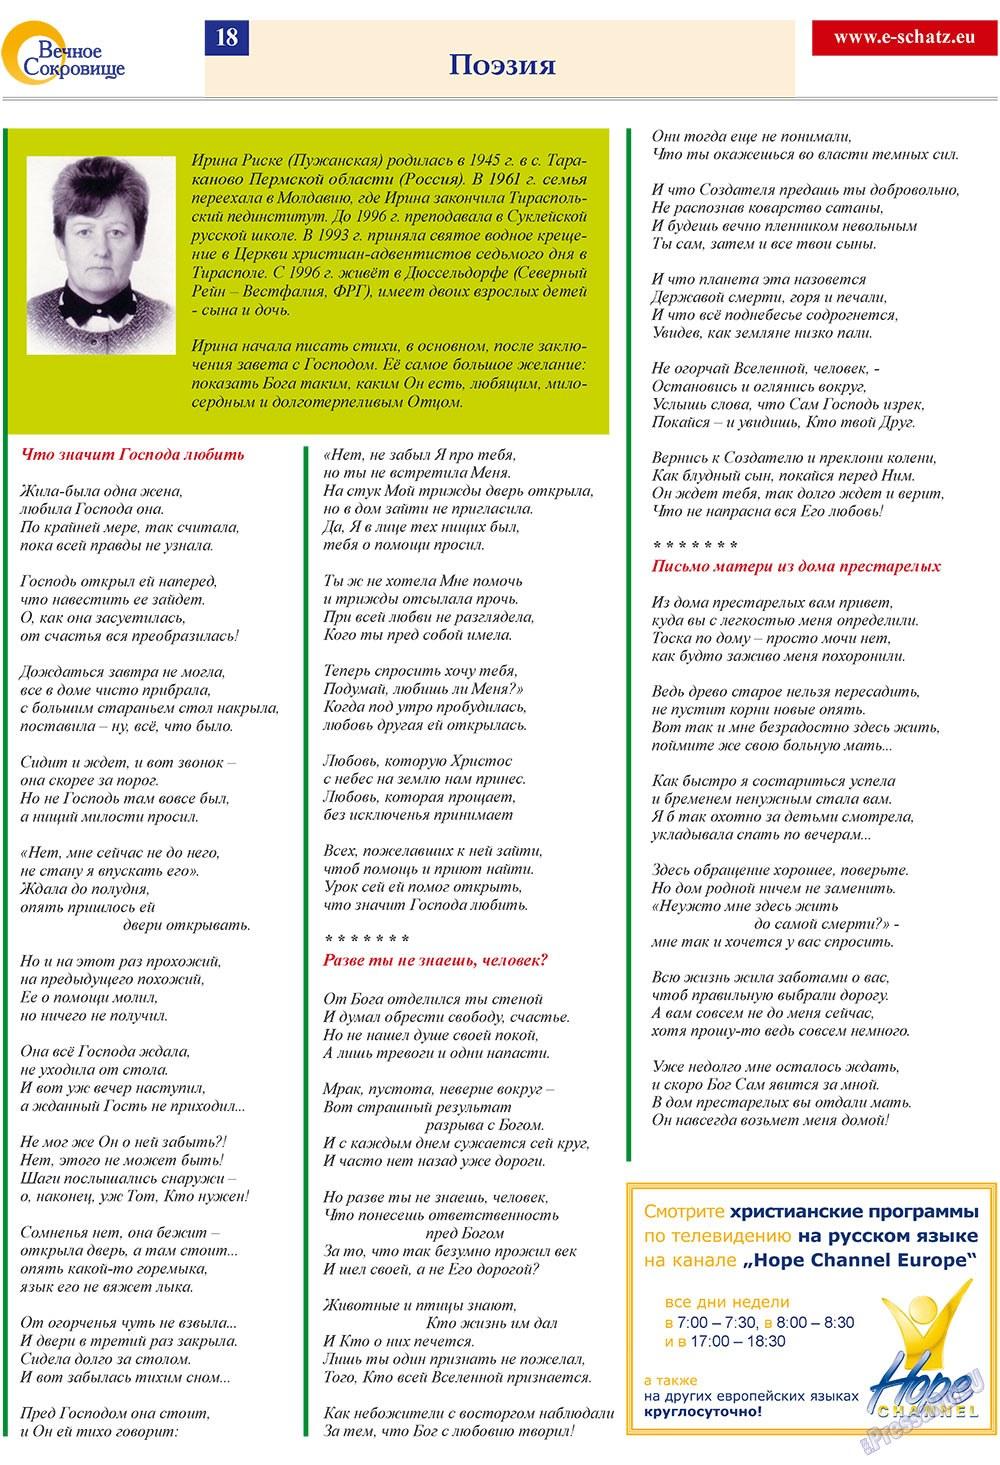 Вечное сокровище (газета). 2009 год, номер 4, стр. 18